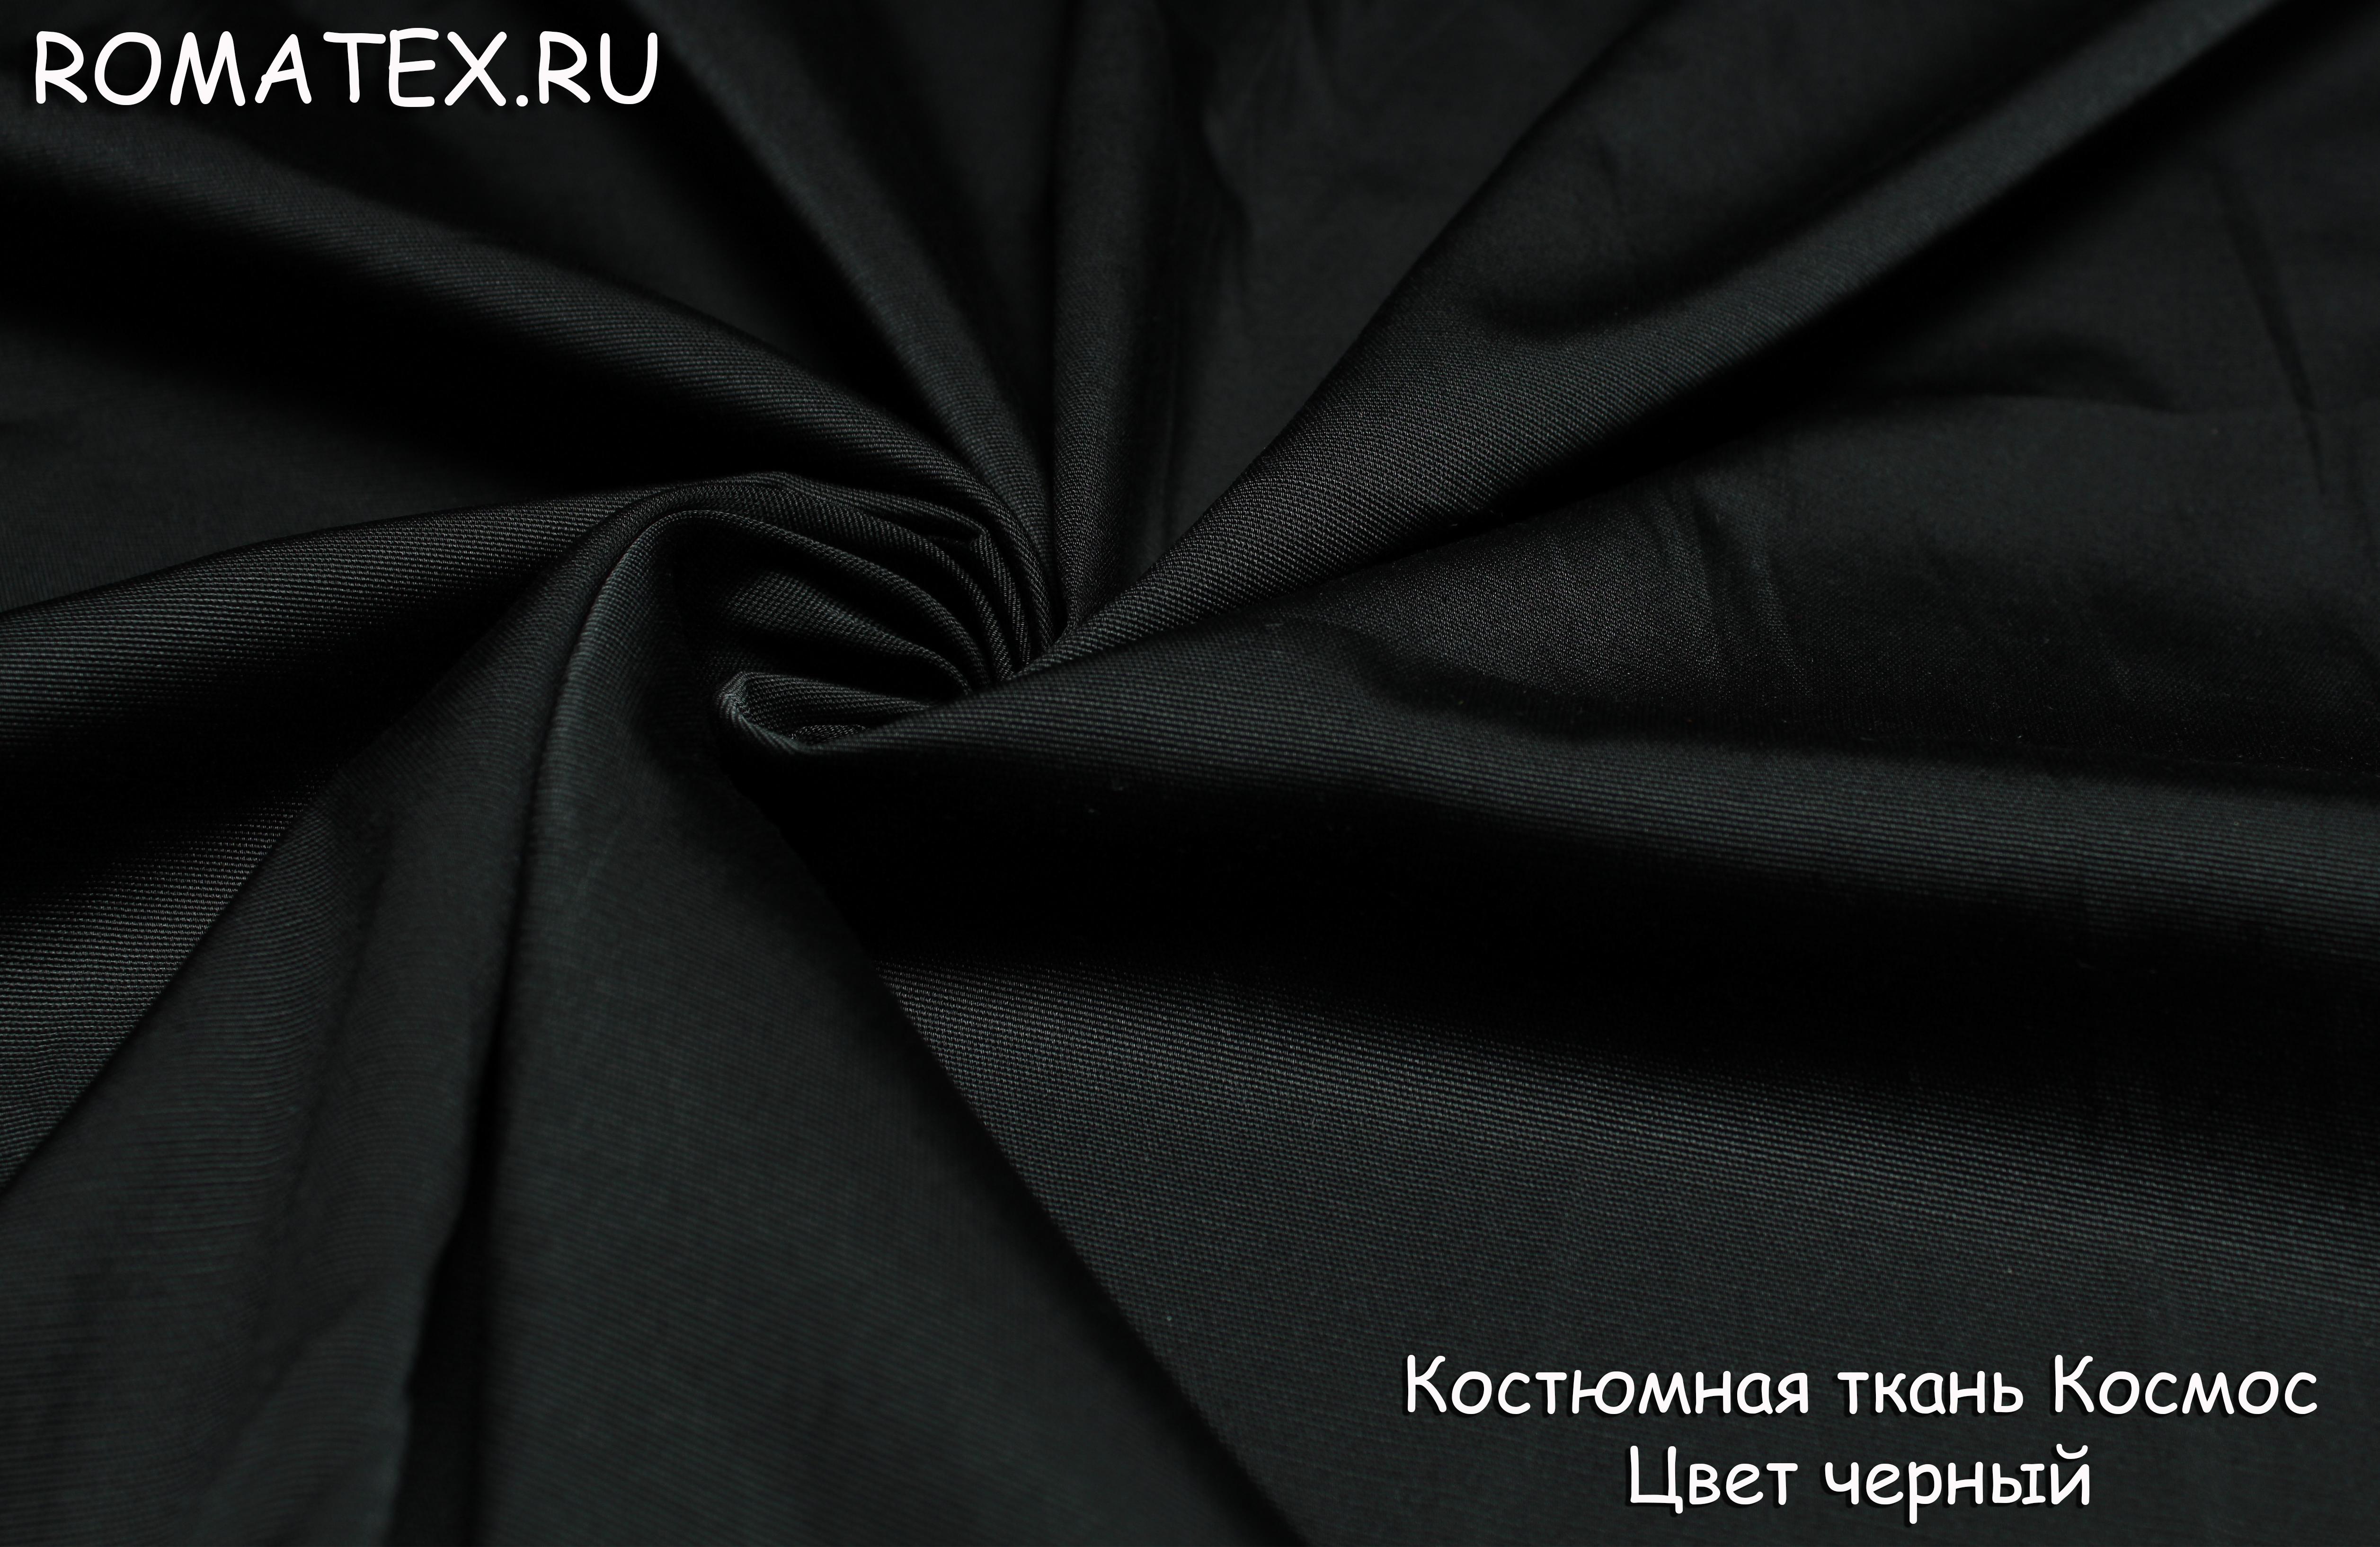 Костюмная Космос цвет чёрный